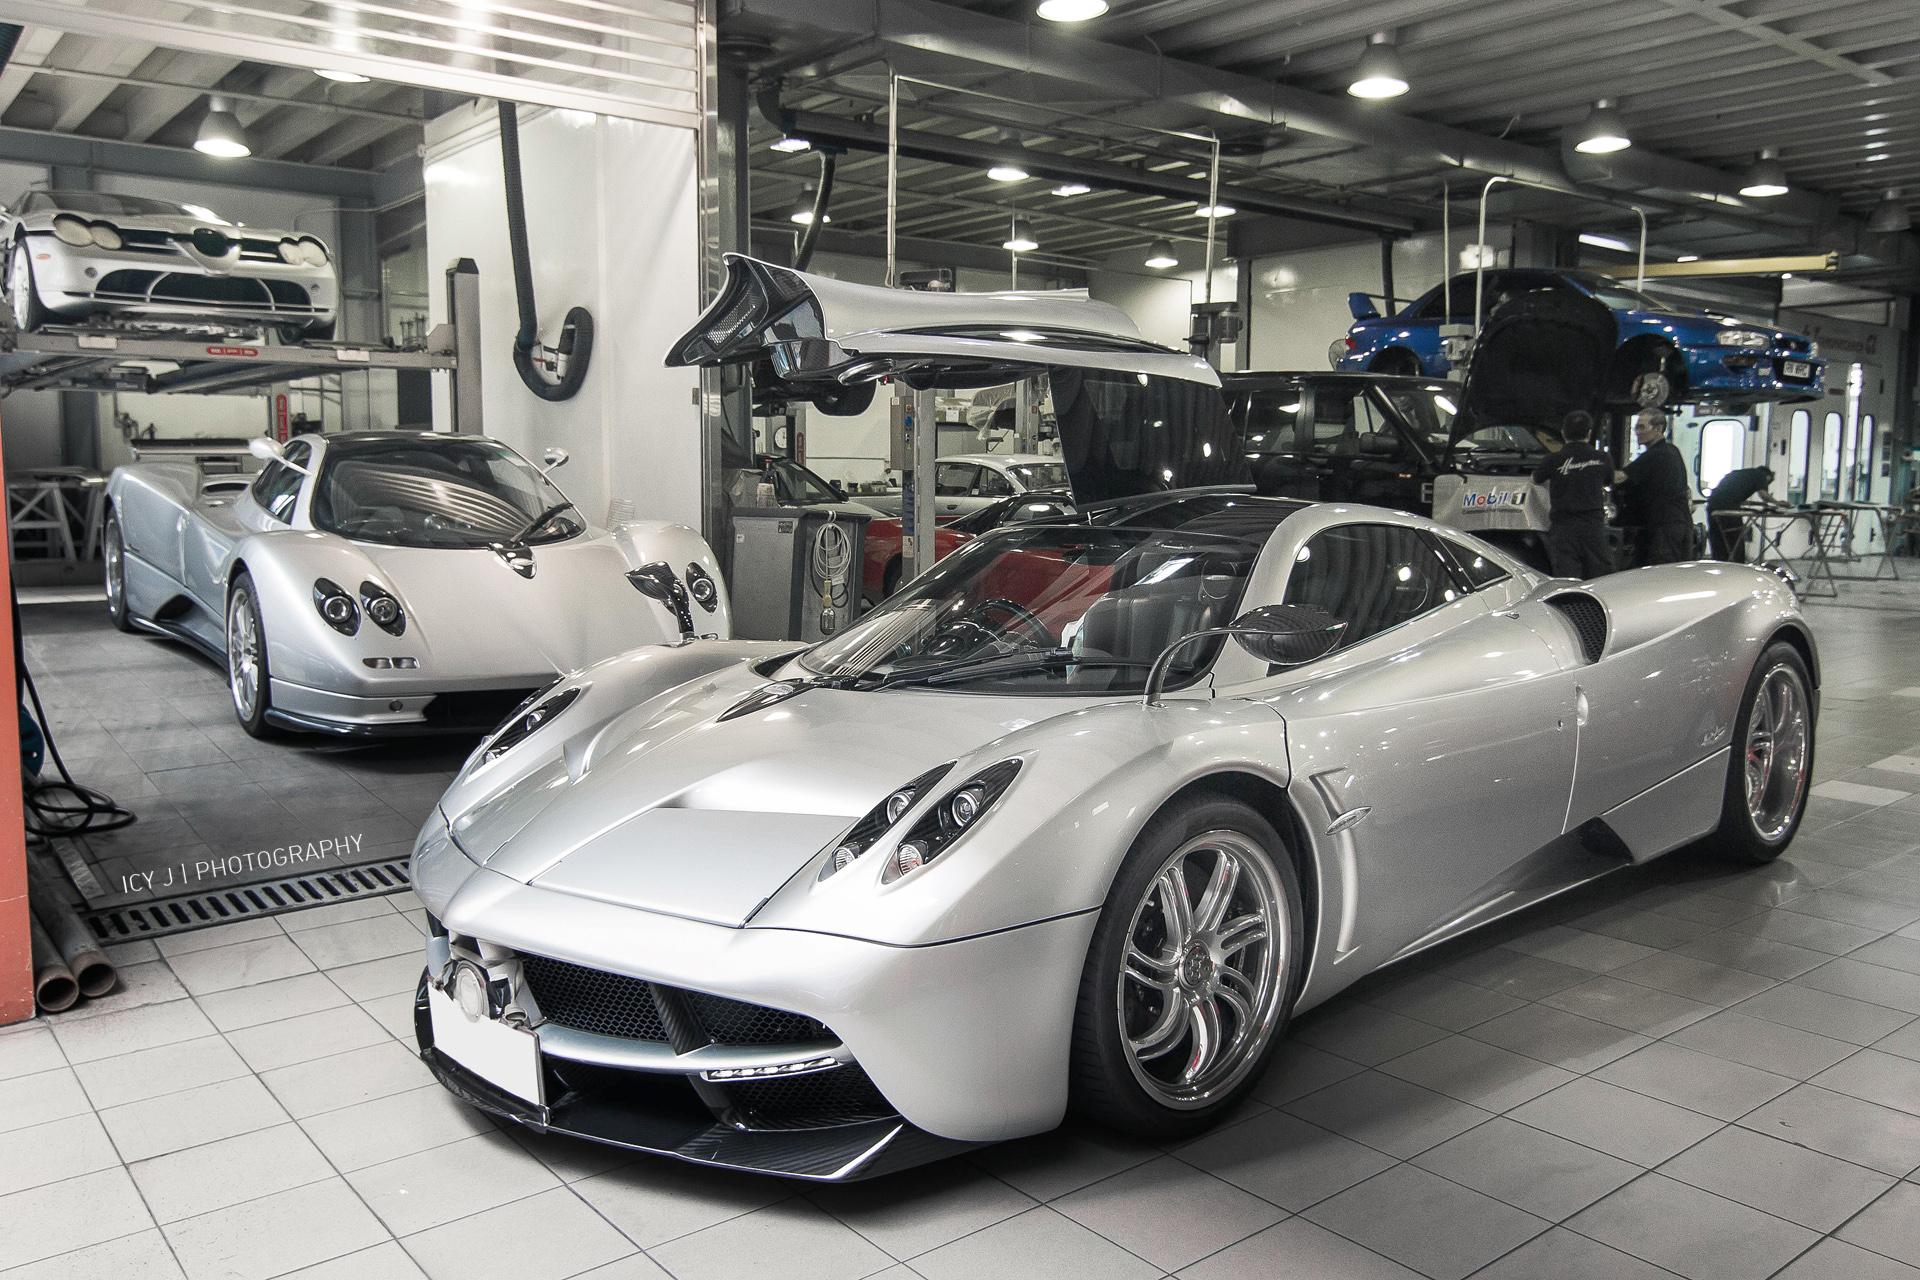 Wallpaper Italy Sports Car Silver Huayra Pagani Zonda - Hyper fast cars